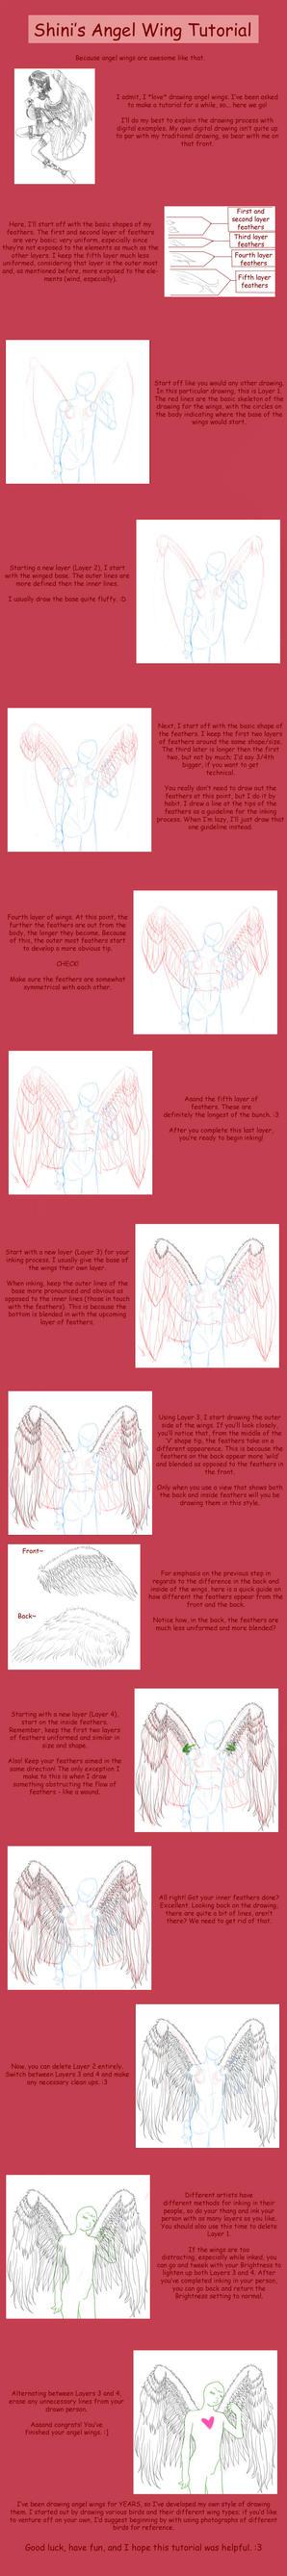 Angel Wing Tutorial by ShiniVasyenka